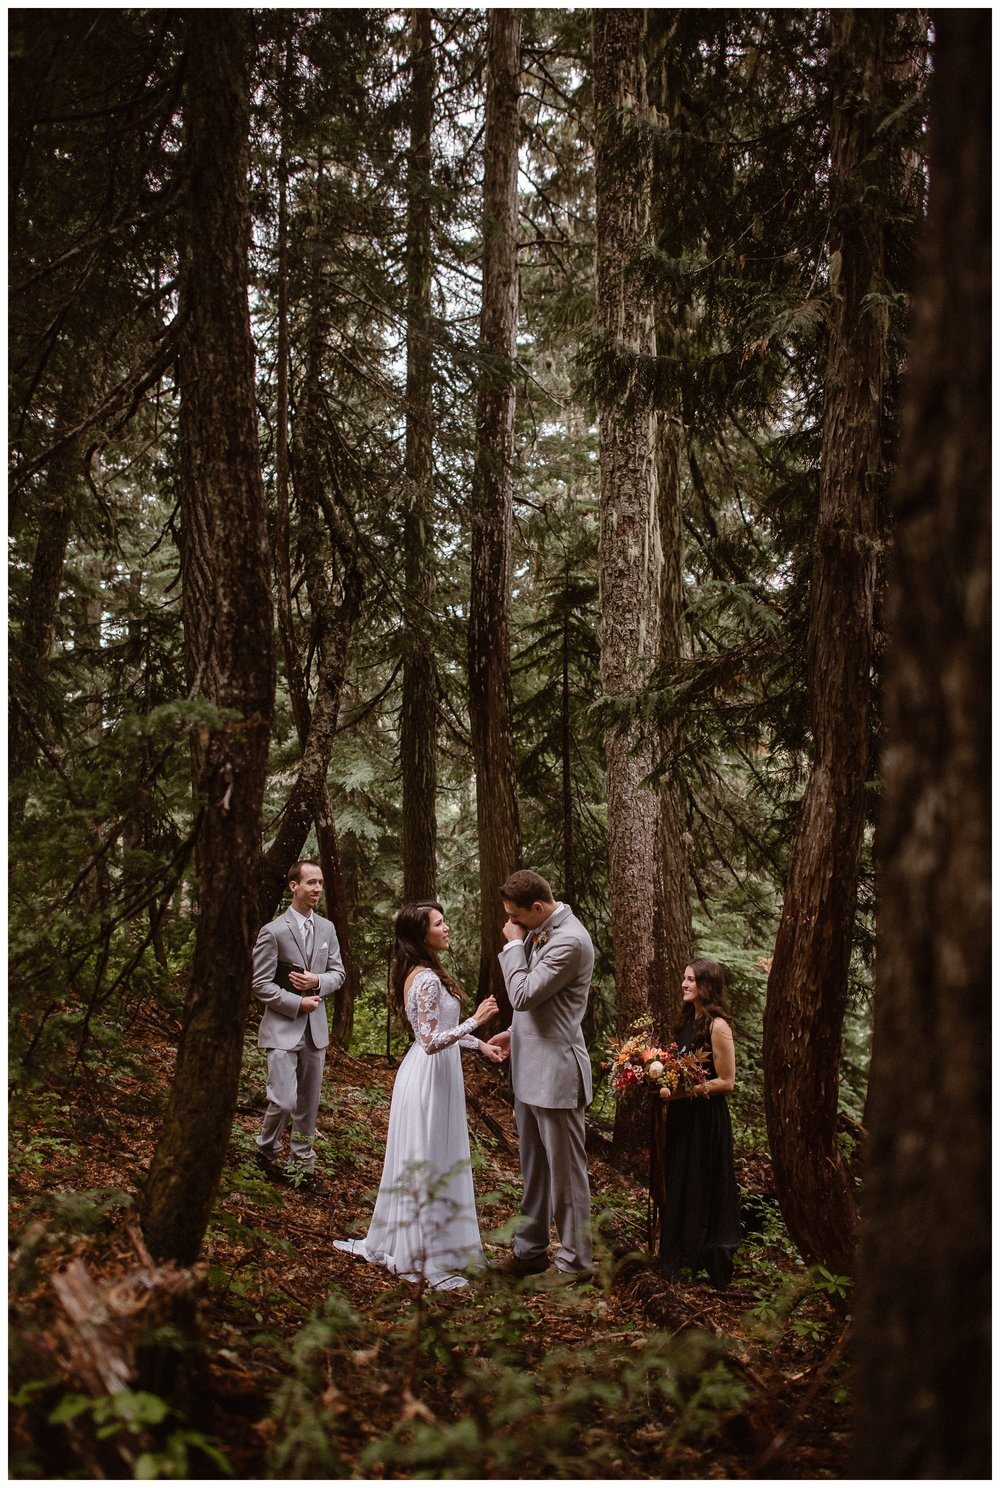 Rangefinder-Top-Wedding-Photographers-Adventure-Instead-Maddie-Mae-Destination-Elopement-Photography-Eloping-Photographers_0013.jpg